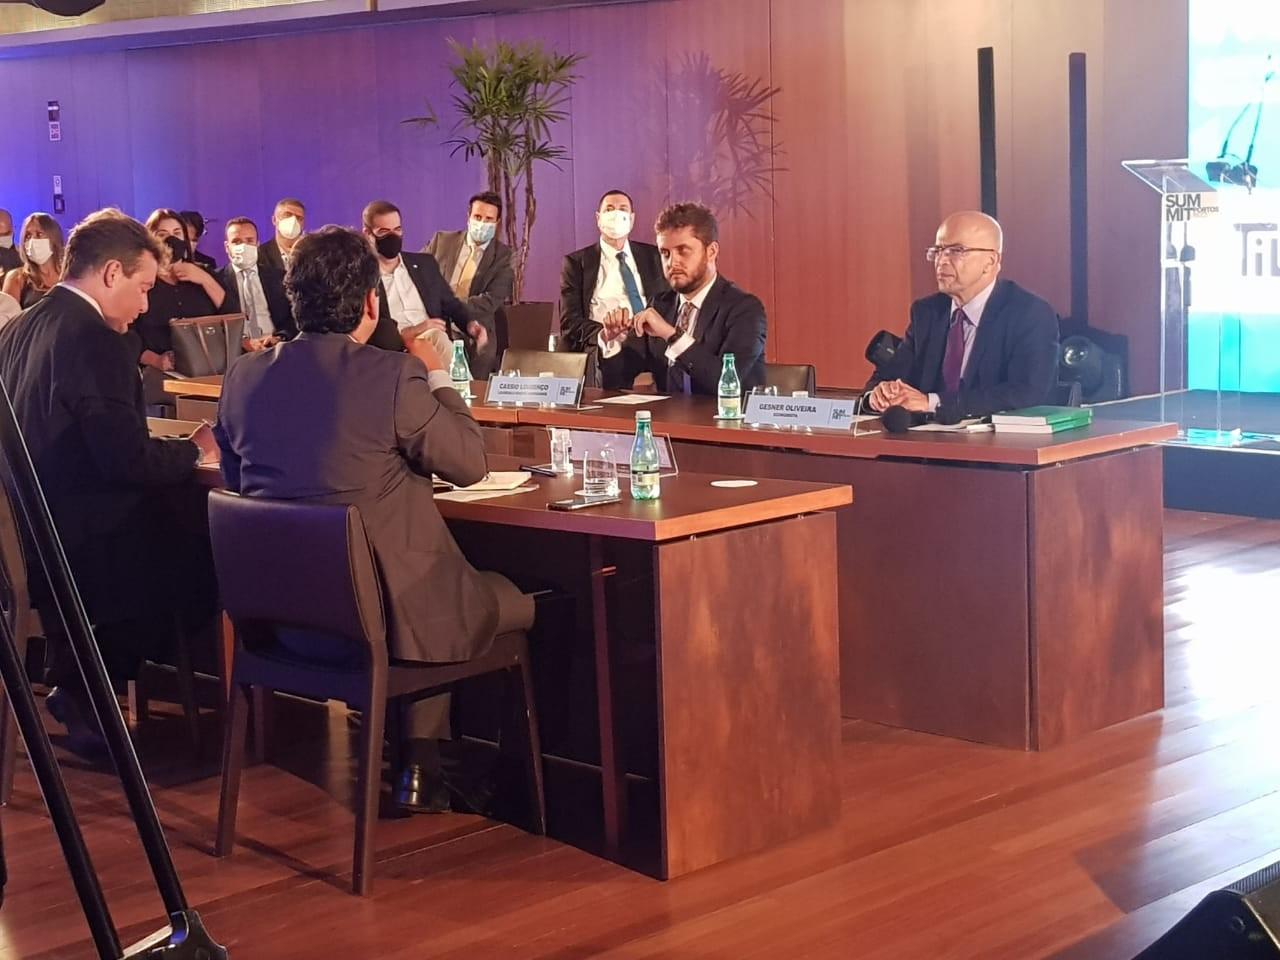 Especialistas destacam importância da segurança jurídica e do investimento em infraestrutura para o avanço do setor portuário no Summit Portos 5.0